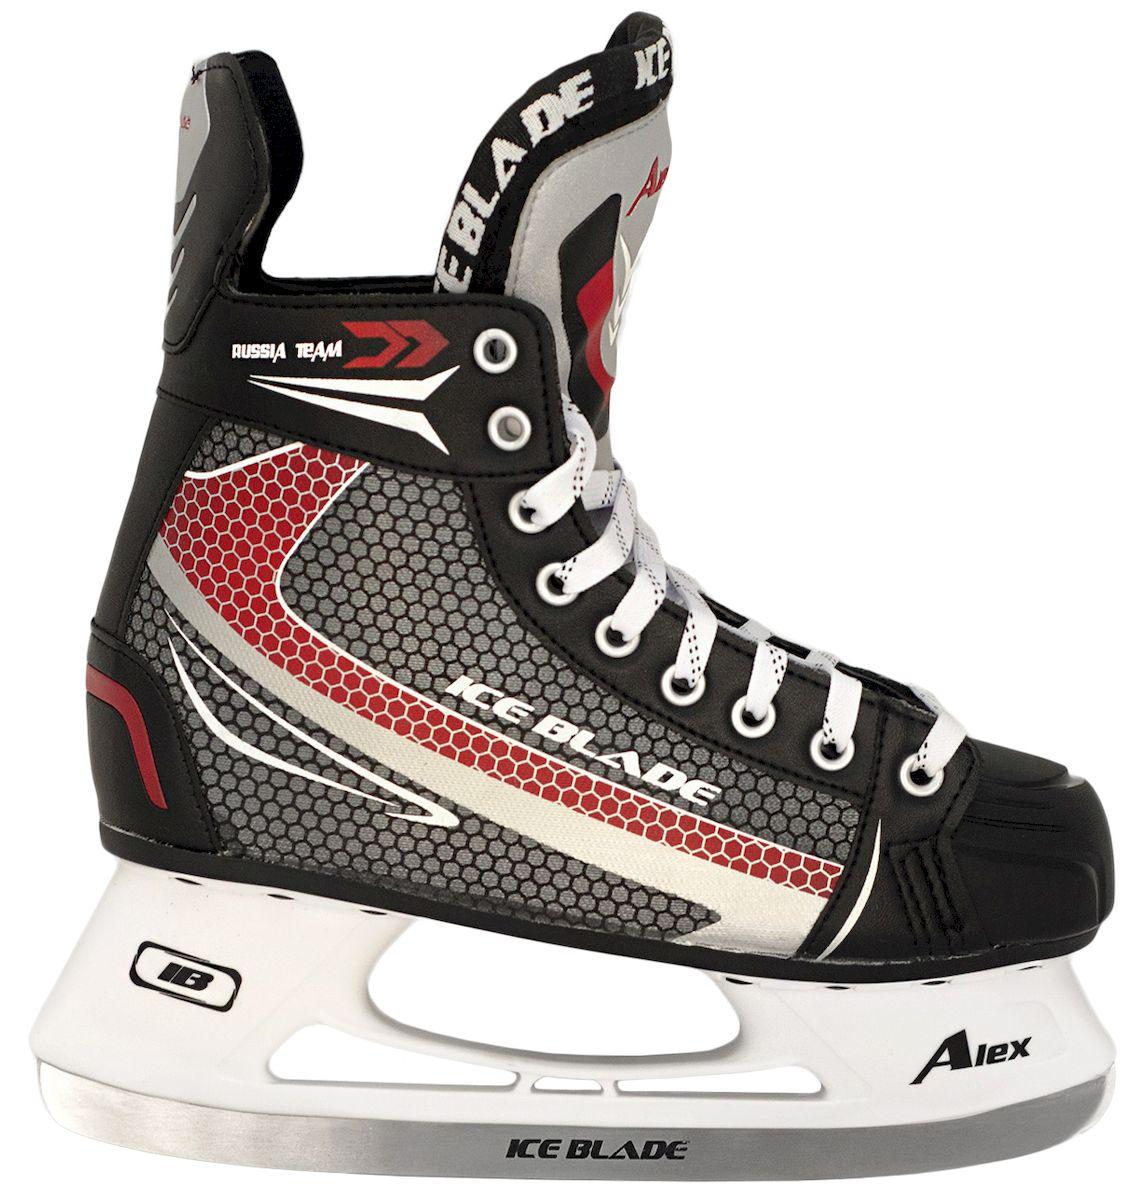 Коньки хоккейные Ice Blade Alex New, цвет: черный, красный, серый. УТ-00006868. Размер 44